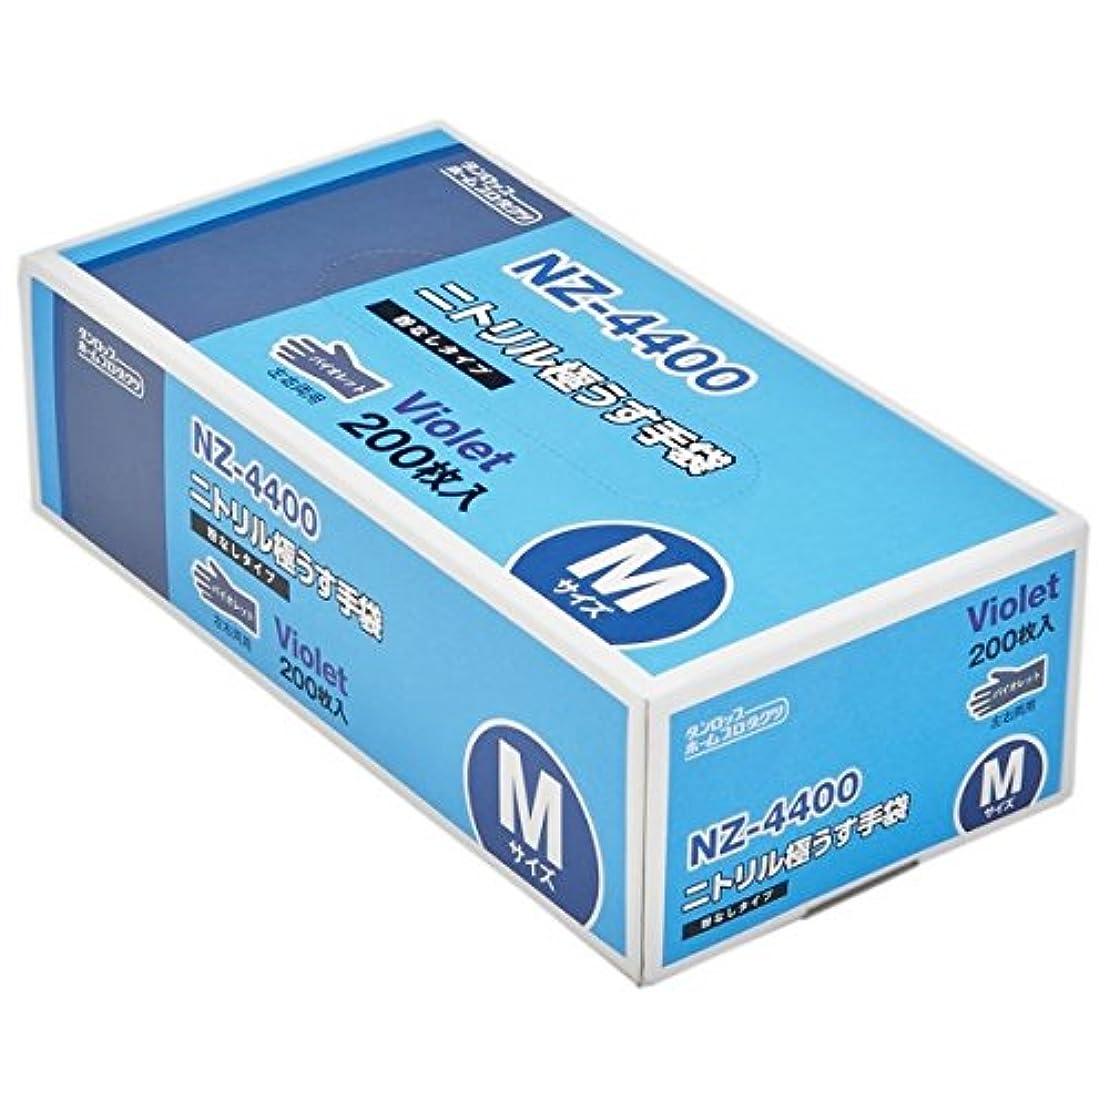 比率補足光のダンロップ ニトリル極うす手袋 NZ-4400 バイオレット 粉なし Mサイズ 200枚入